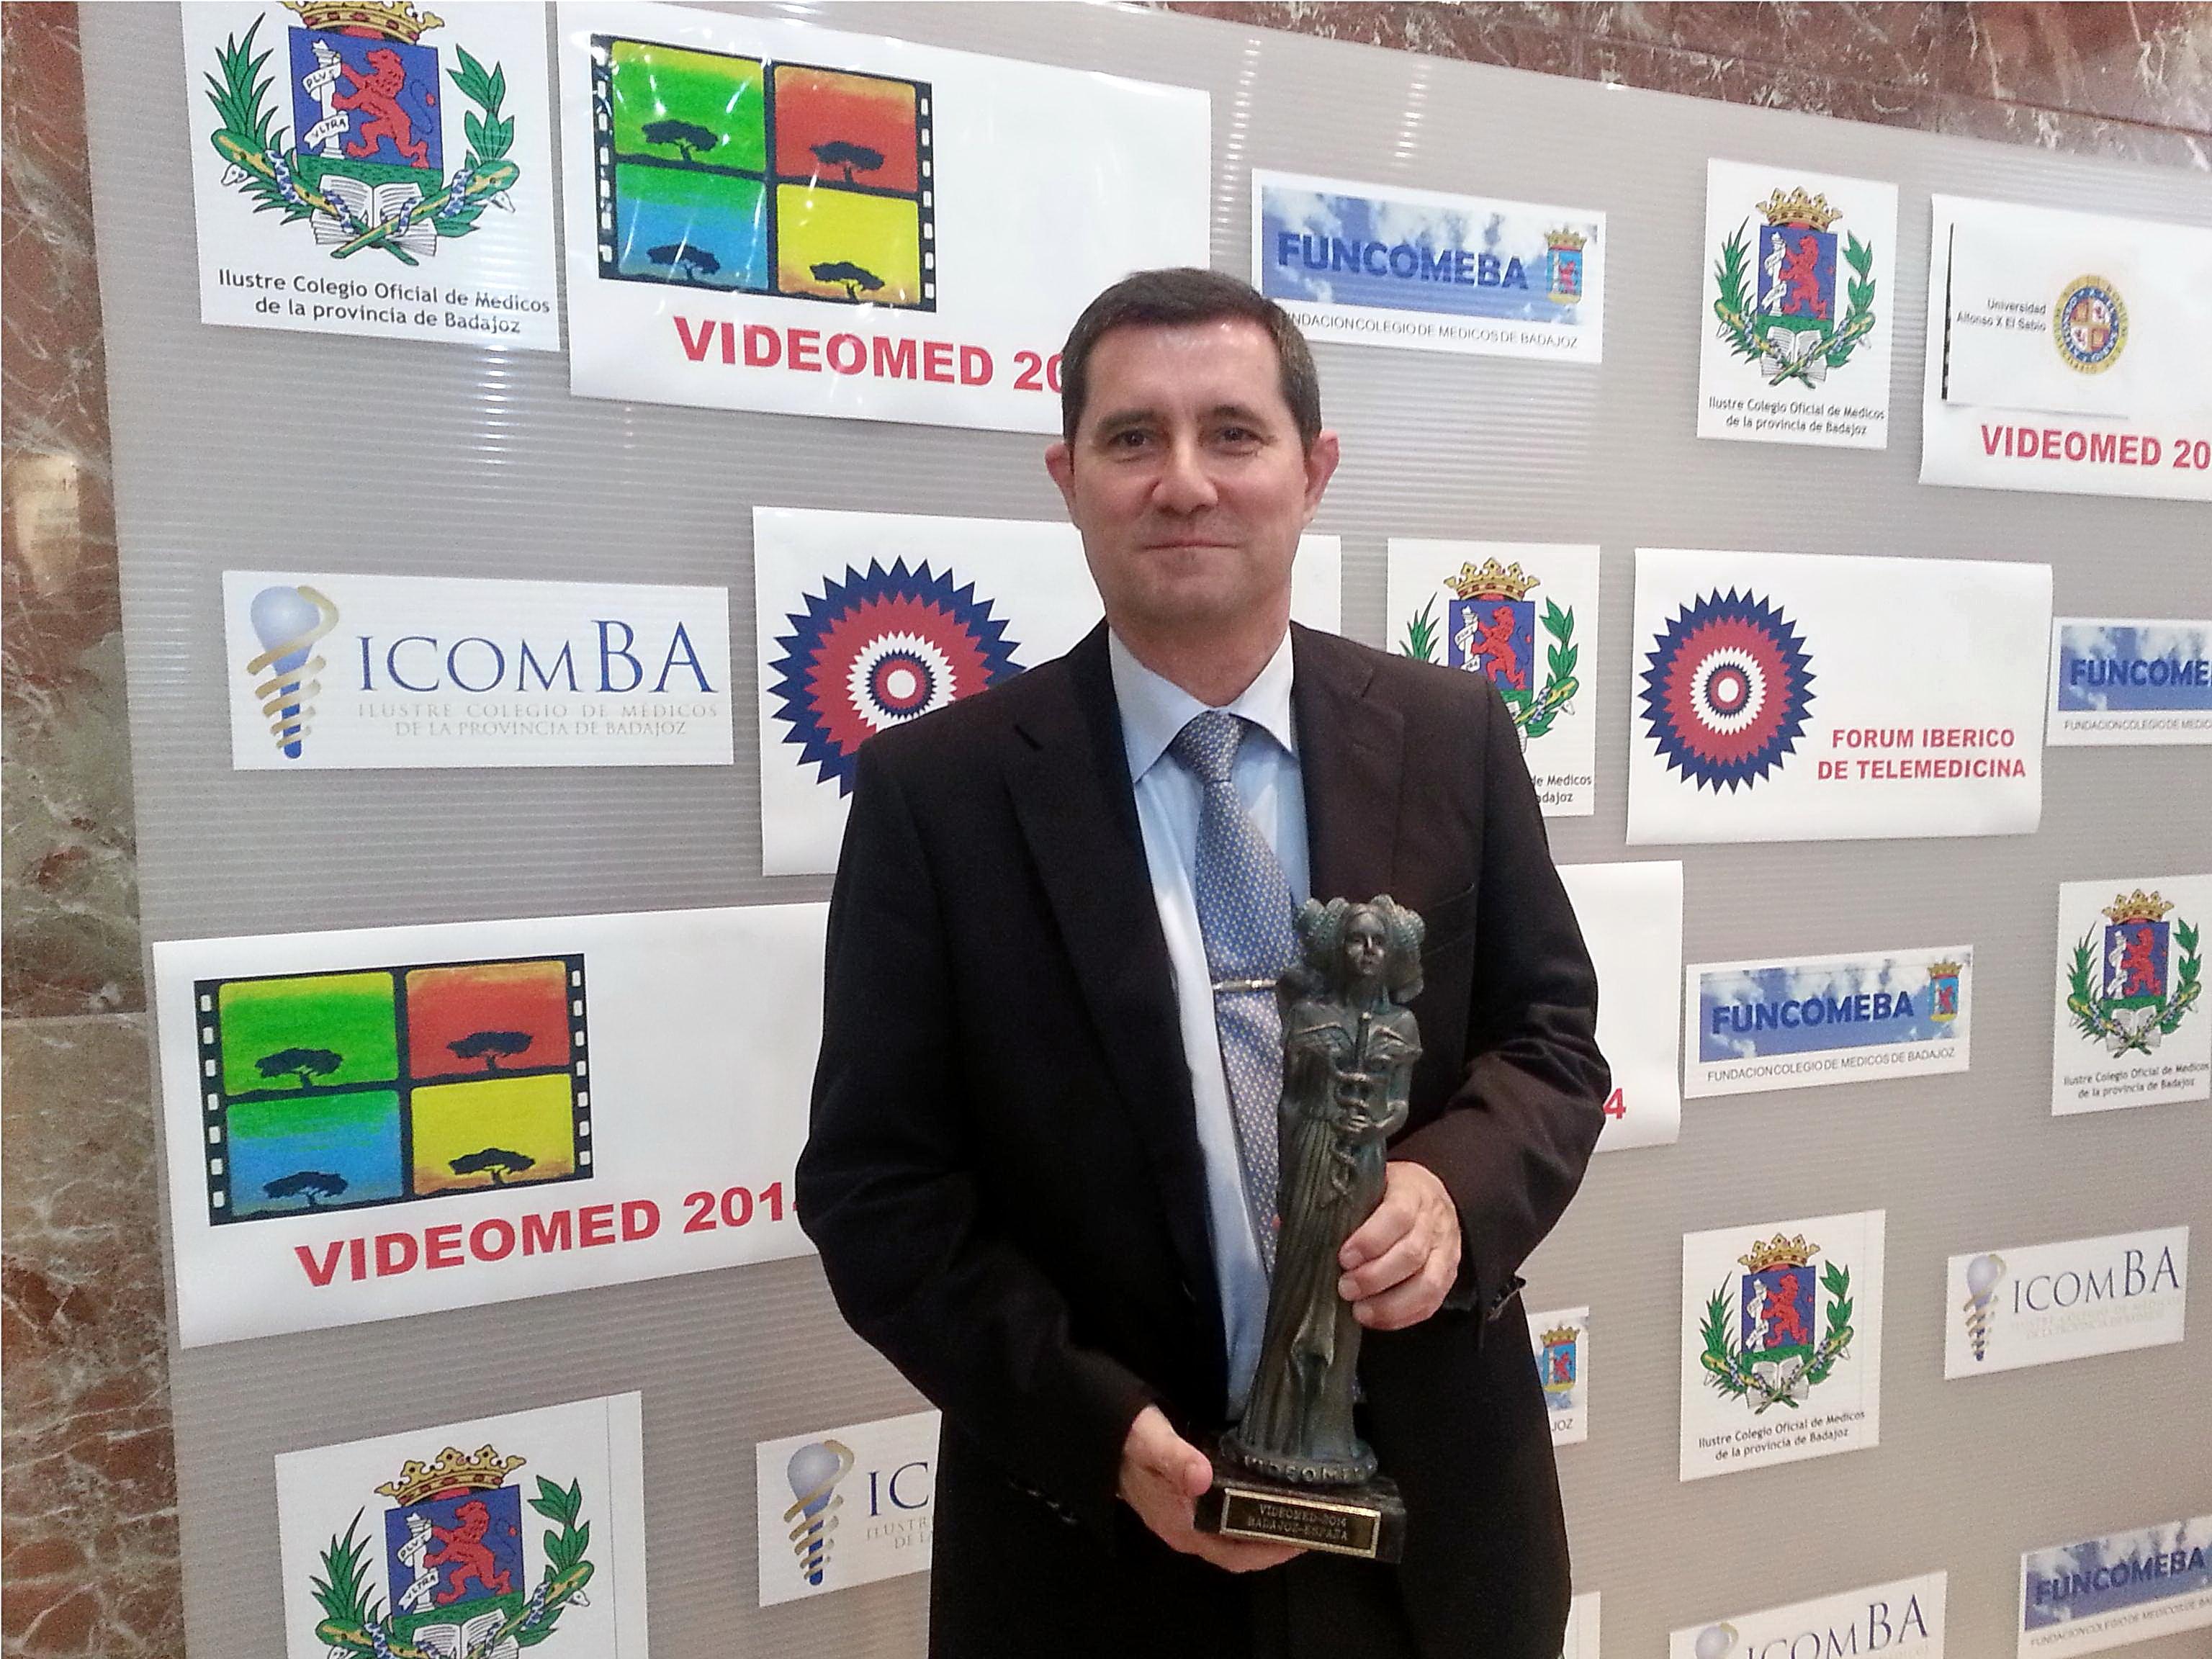 La Universidad de Salamanca recibe el Premio Videomed 2014 en el XIX Certamen Internacional de Cine Médico.